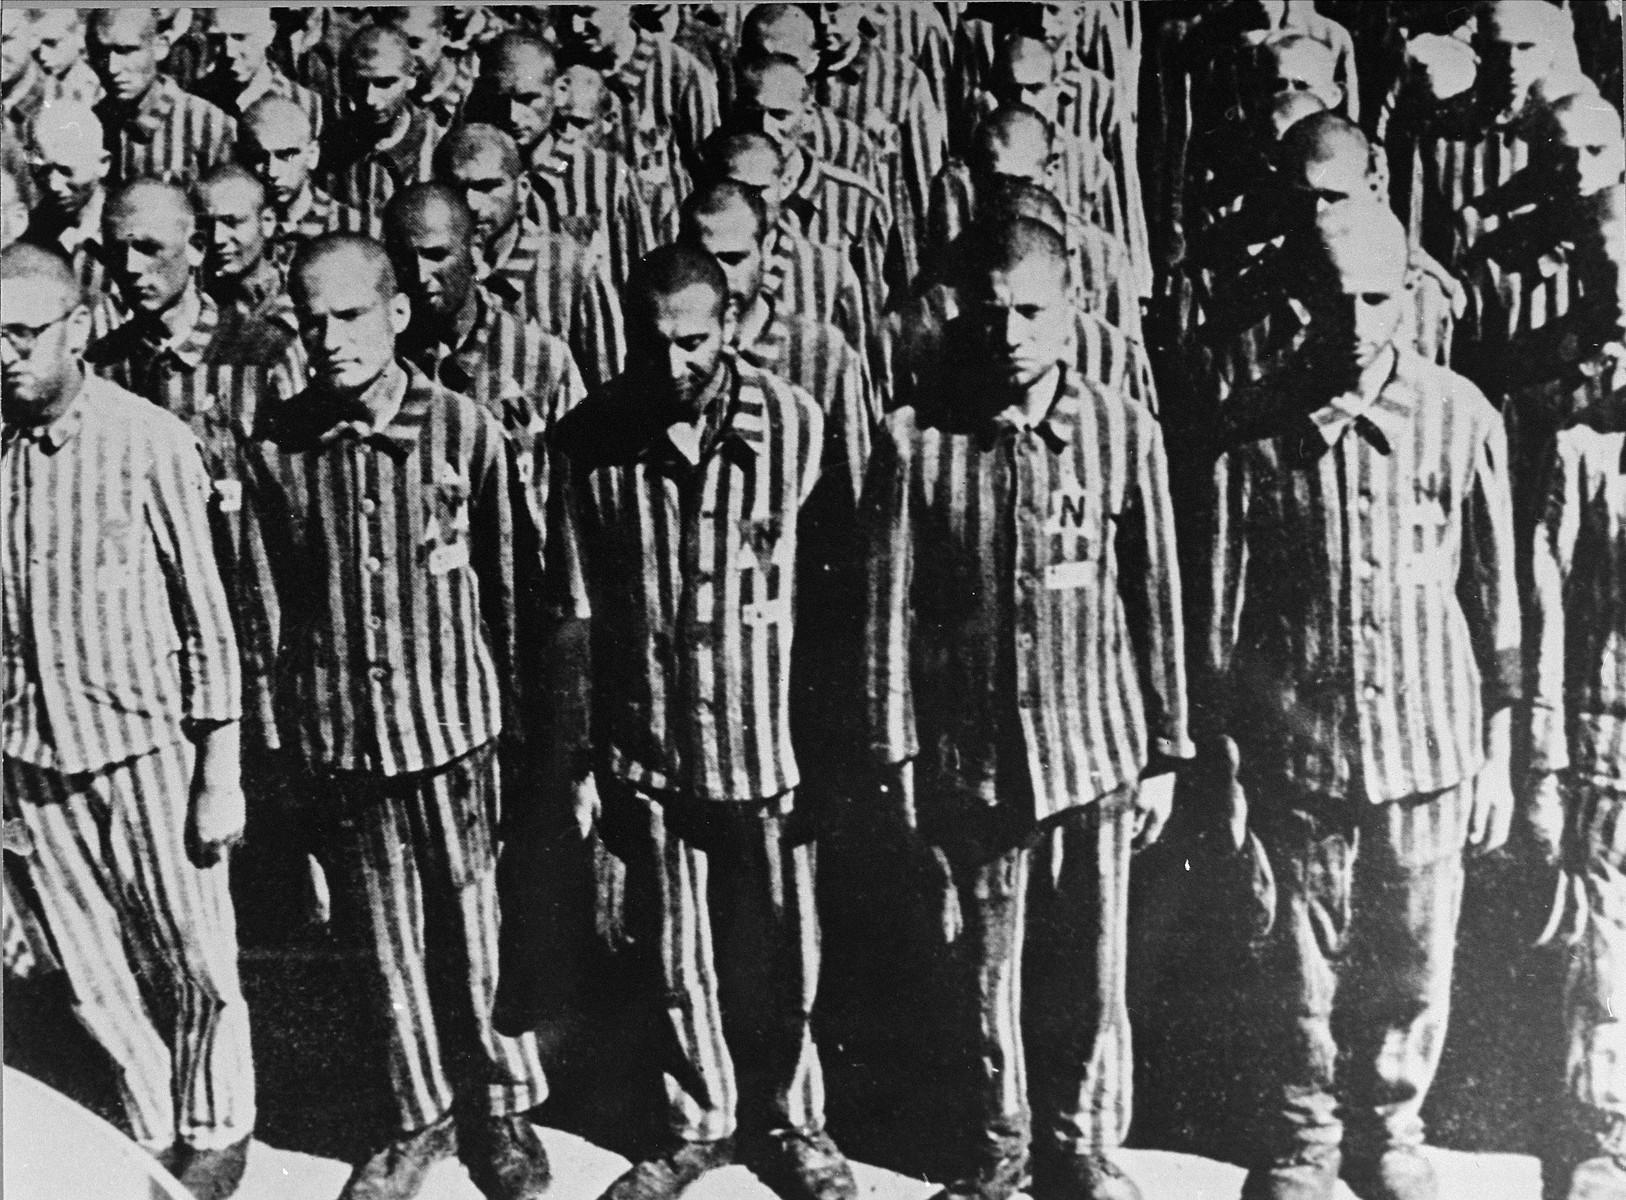 홀로코스트 유대인 수용자들